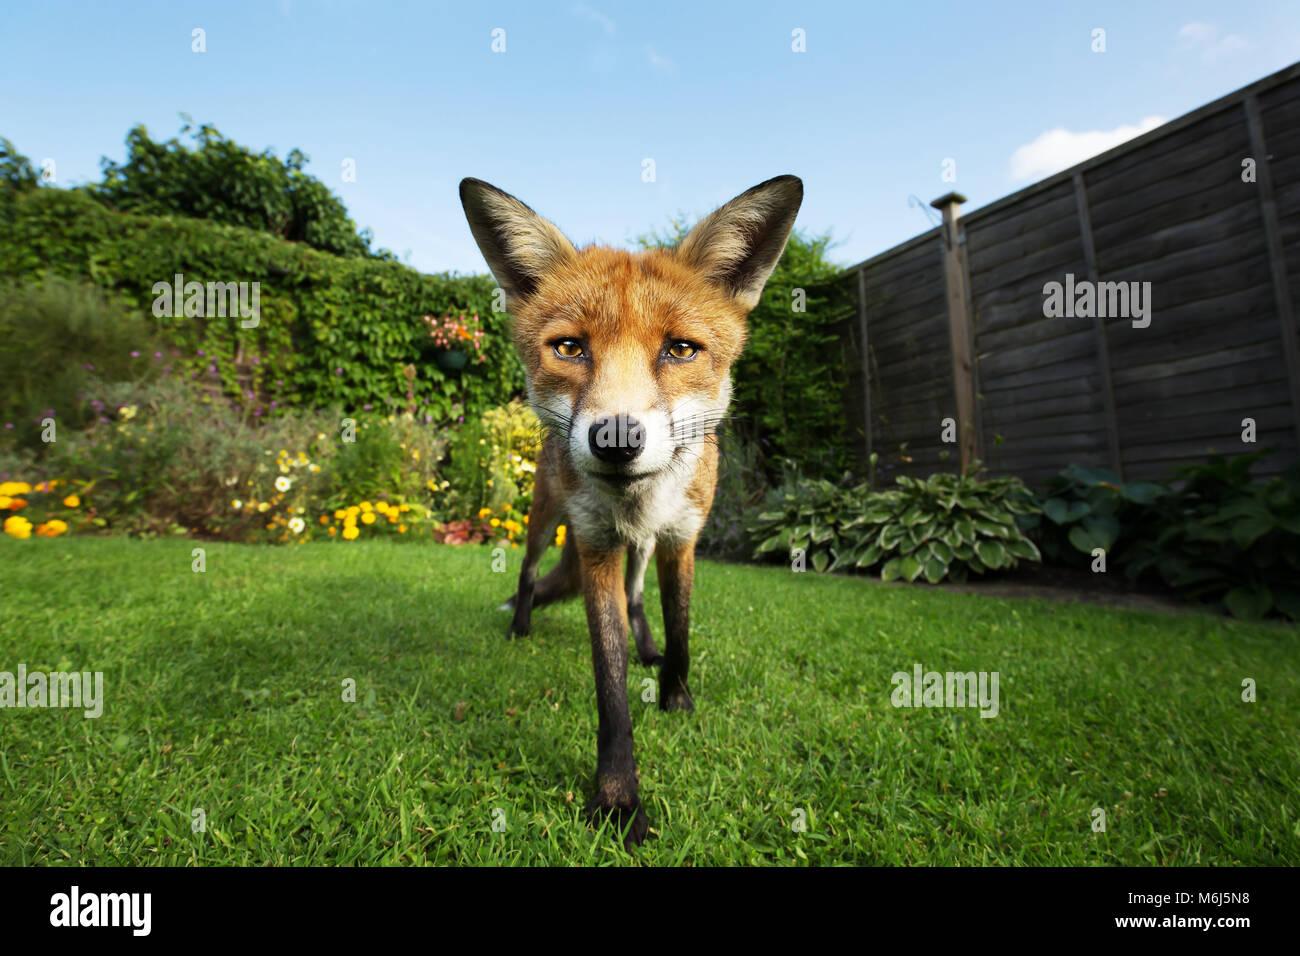 Red Fox stehen im Garten mit Blumen, Sommer in Großbritannien. Stockbild